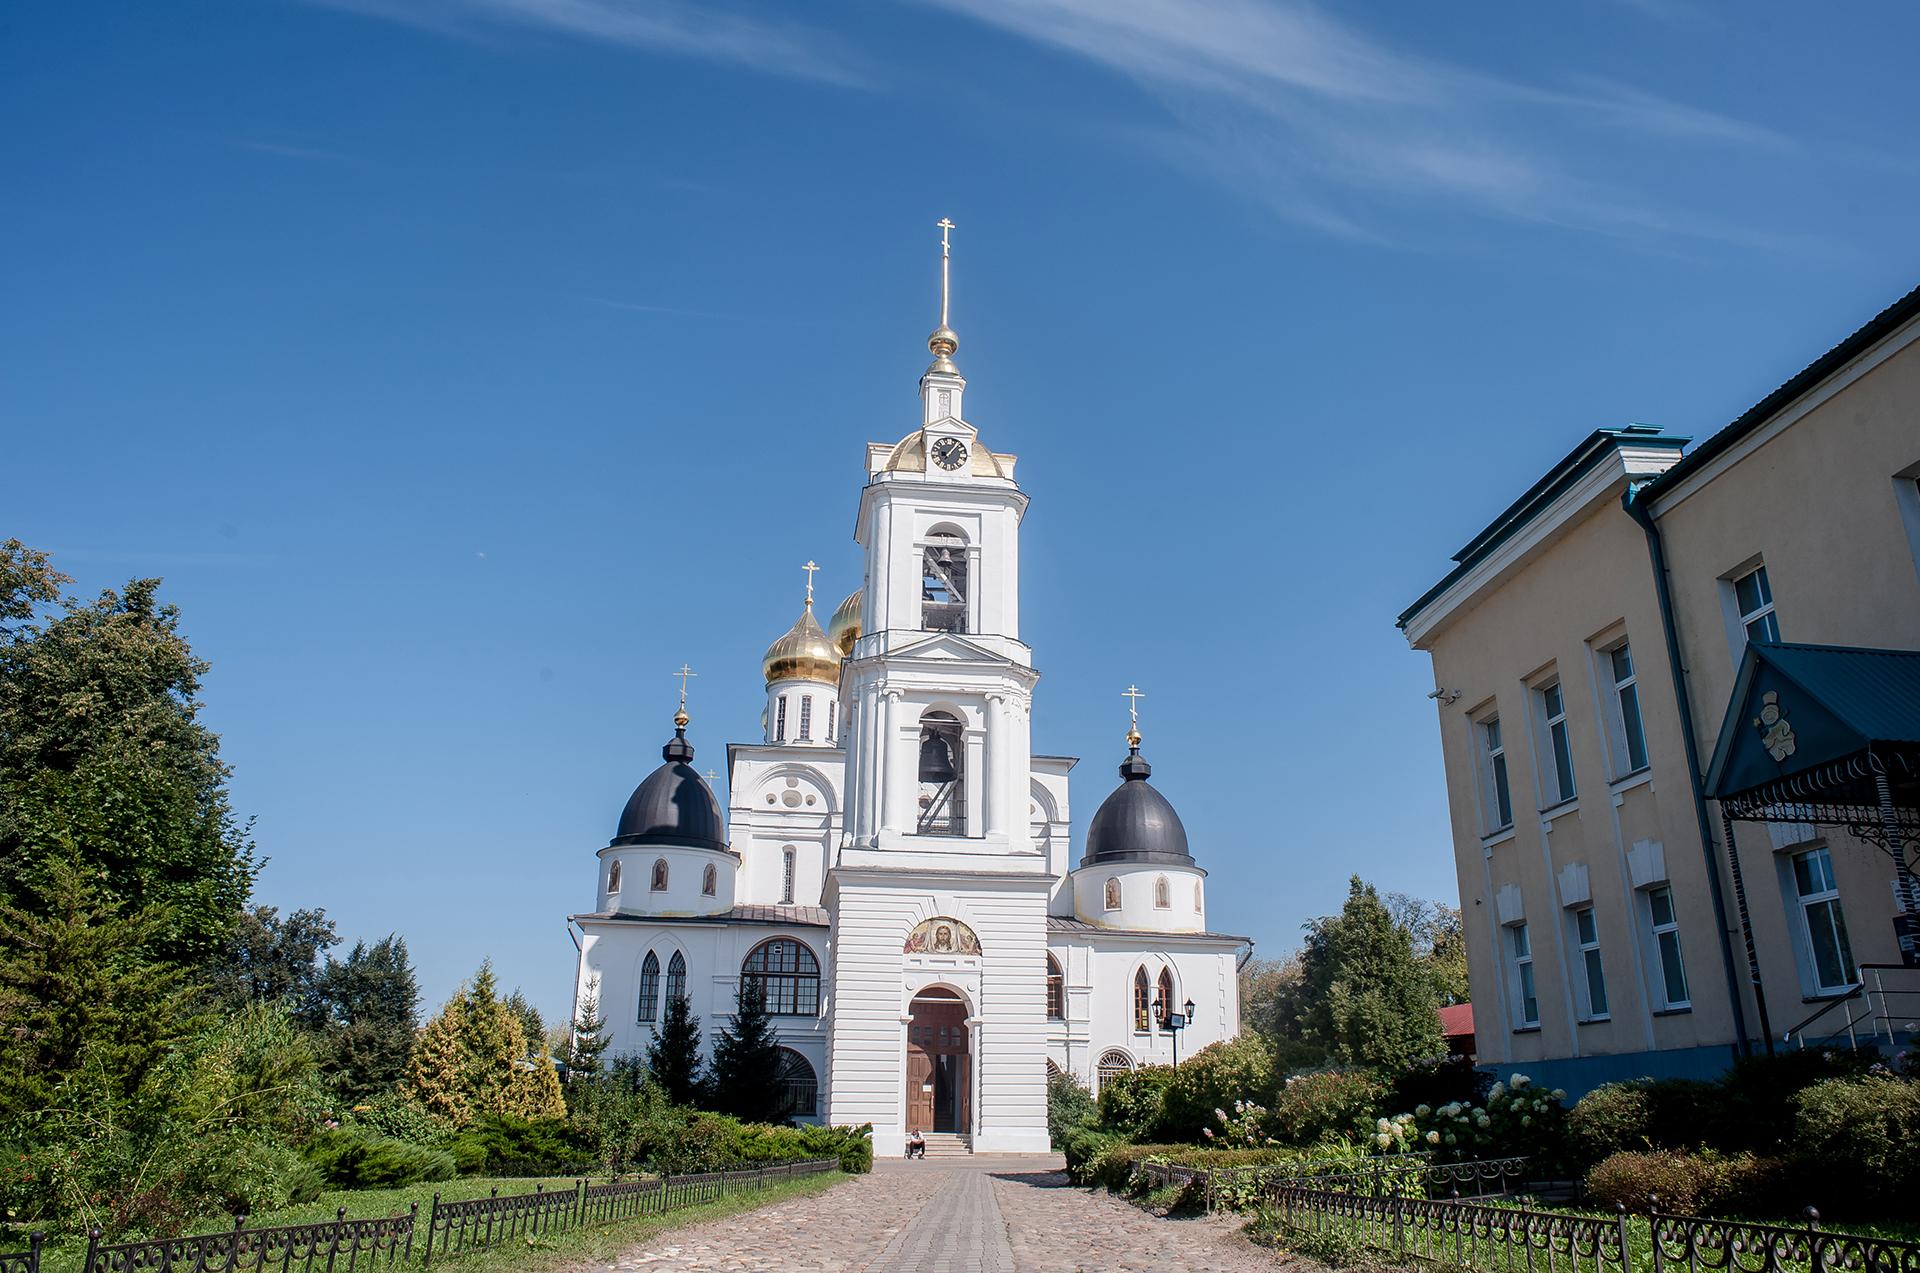 Дмитровский кремль, Успенский Кафедральный собор